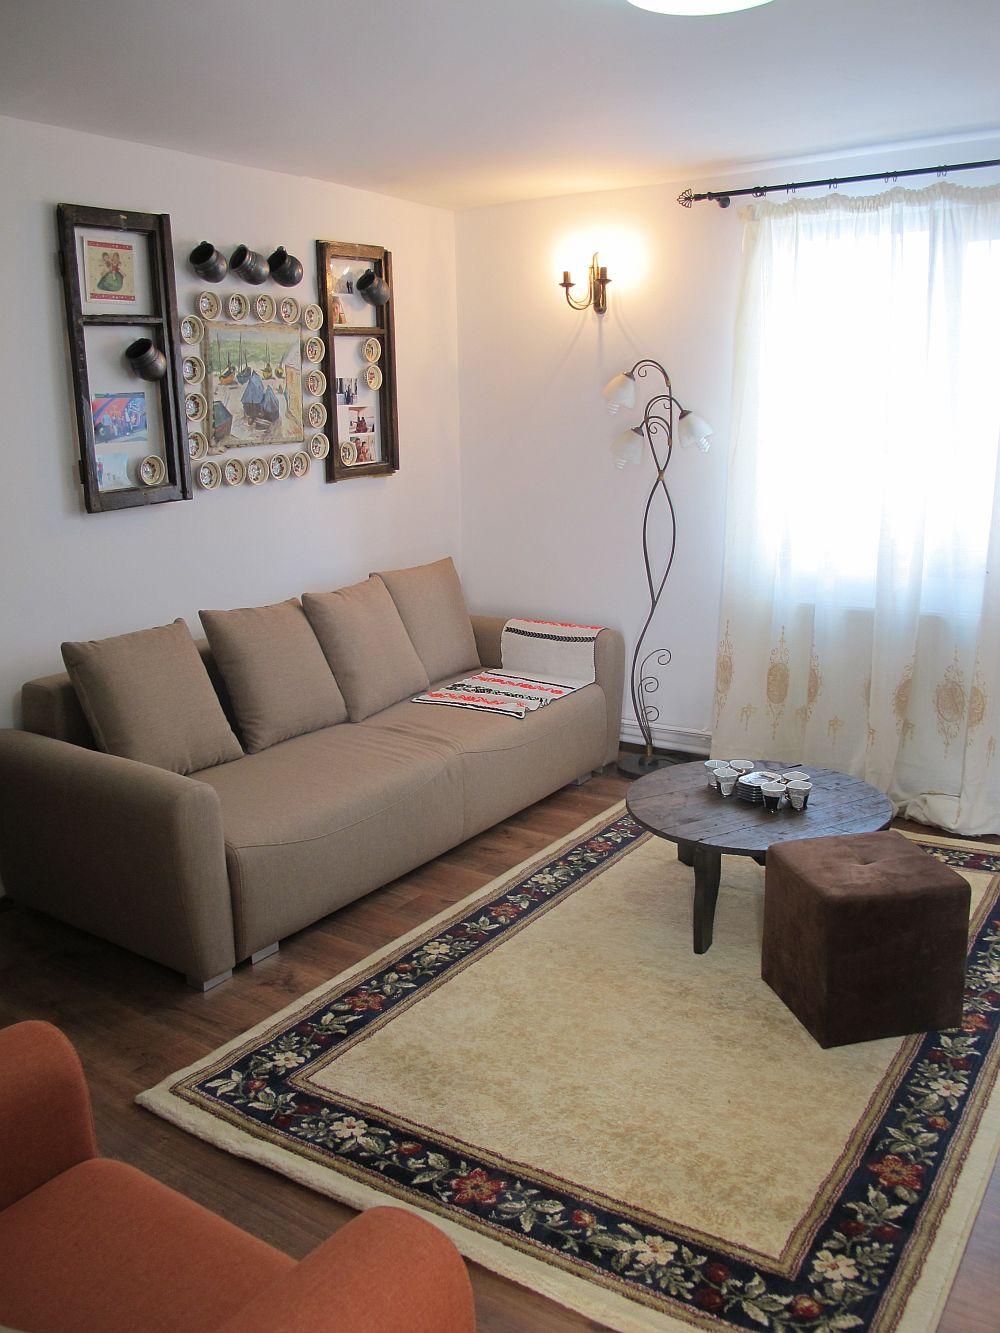 adelaparvu.com despre Casa familiei Ilie, Tufeni, Olt emisiunea Visuri la cheie, ProTV, sezon 1, 2014 (45)